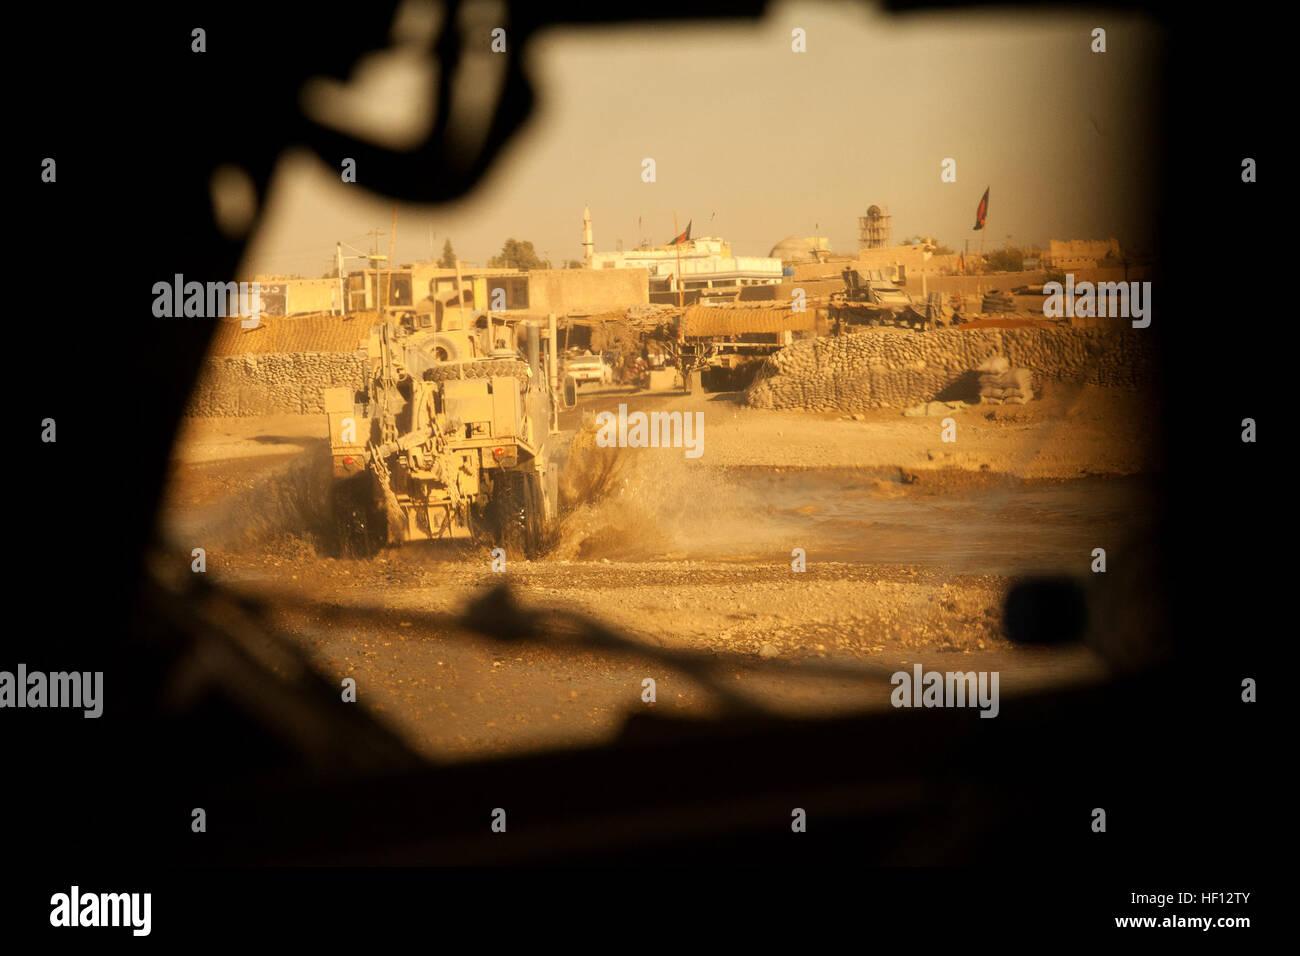 Les Marines américains affectés au peloton de transport à moteur, Fox compagnie, 2e Bataillon, 7e Régiment de Marines (2/7), de mener une mission de convoi dans la province de Helmand, Afghanistan, le 26 novembre 2012. Les Marines de 2/7 déployés en Afghanistan dans le cadre de l'opération Enduring Freedom. (U.S. Marine Corps photo par le Cpl. Alejandro Pena/libérés) Motor-T Convoi peloton 121126-M-YH552-495 Banque D'Images